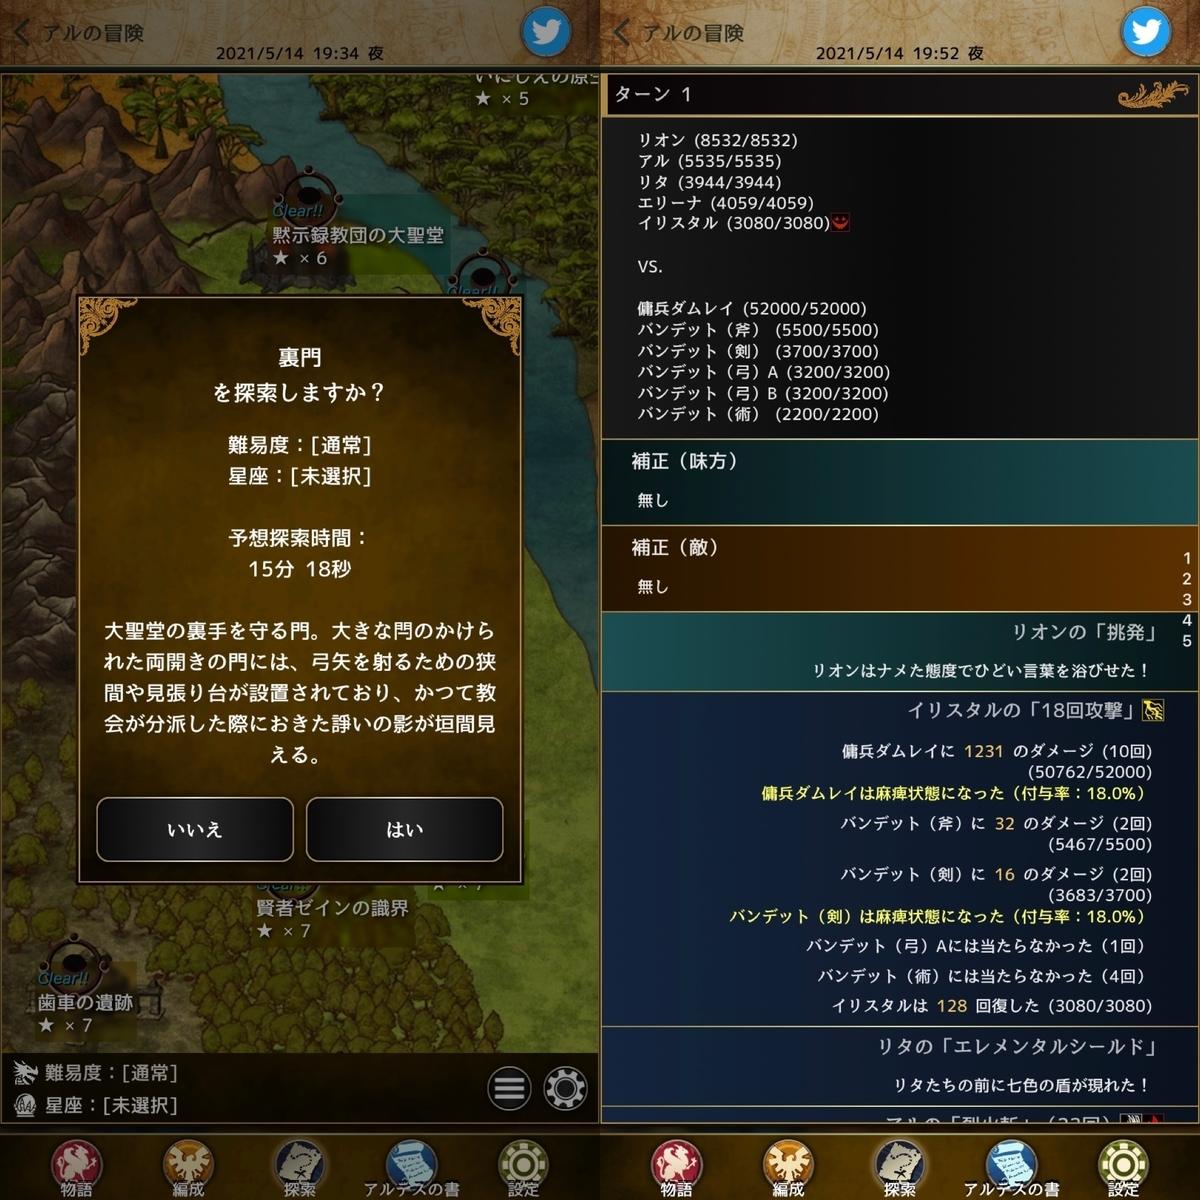 f:id:asamushi:20210519104340j:plain